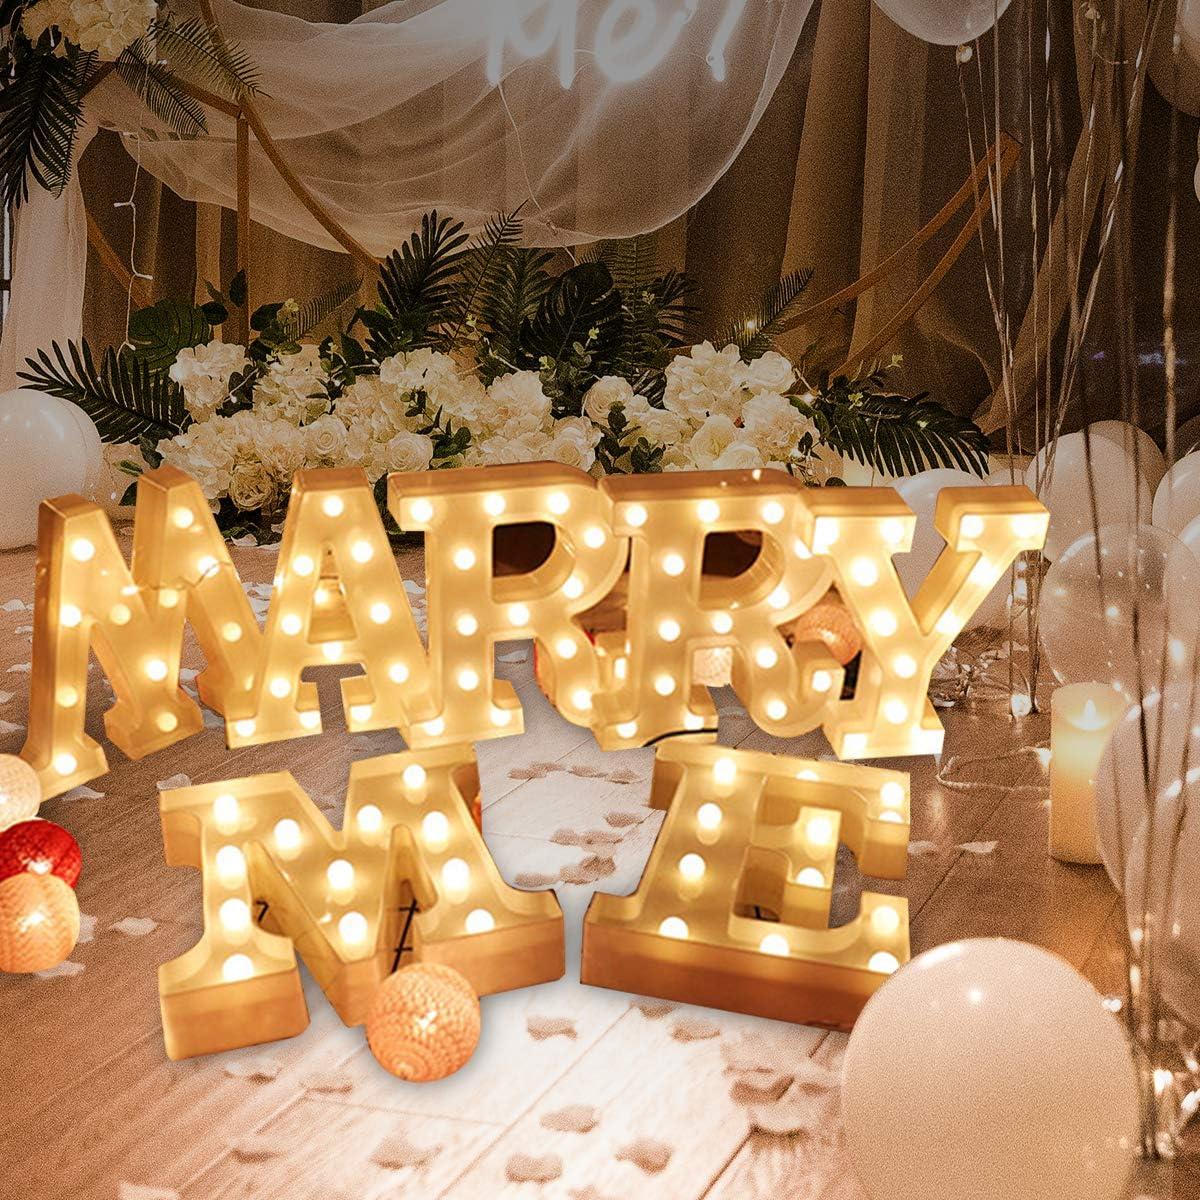 Lettres de l/'alphabet /à LED avec lumi/ère blanche chaude pour d/écoration d/'int/érieur mariage ou festival bar f/ête